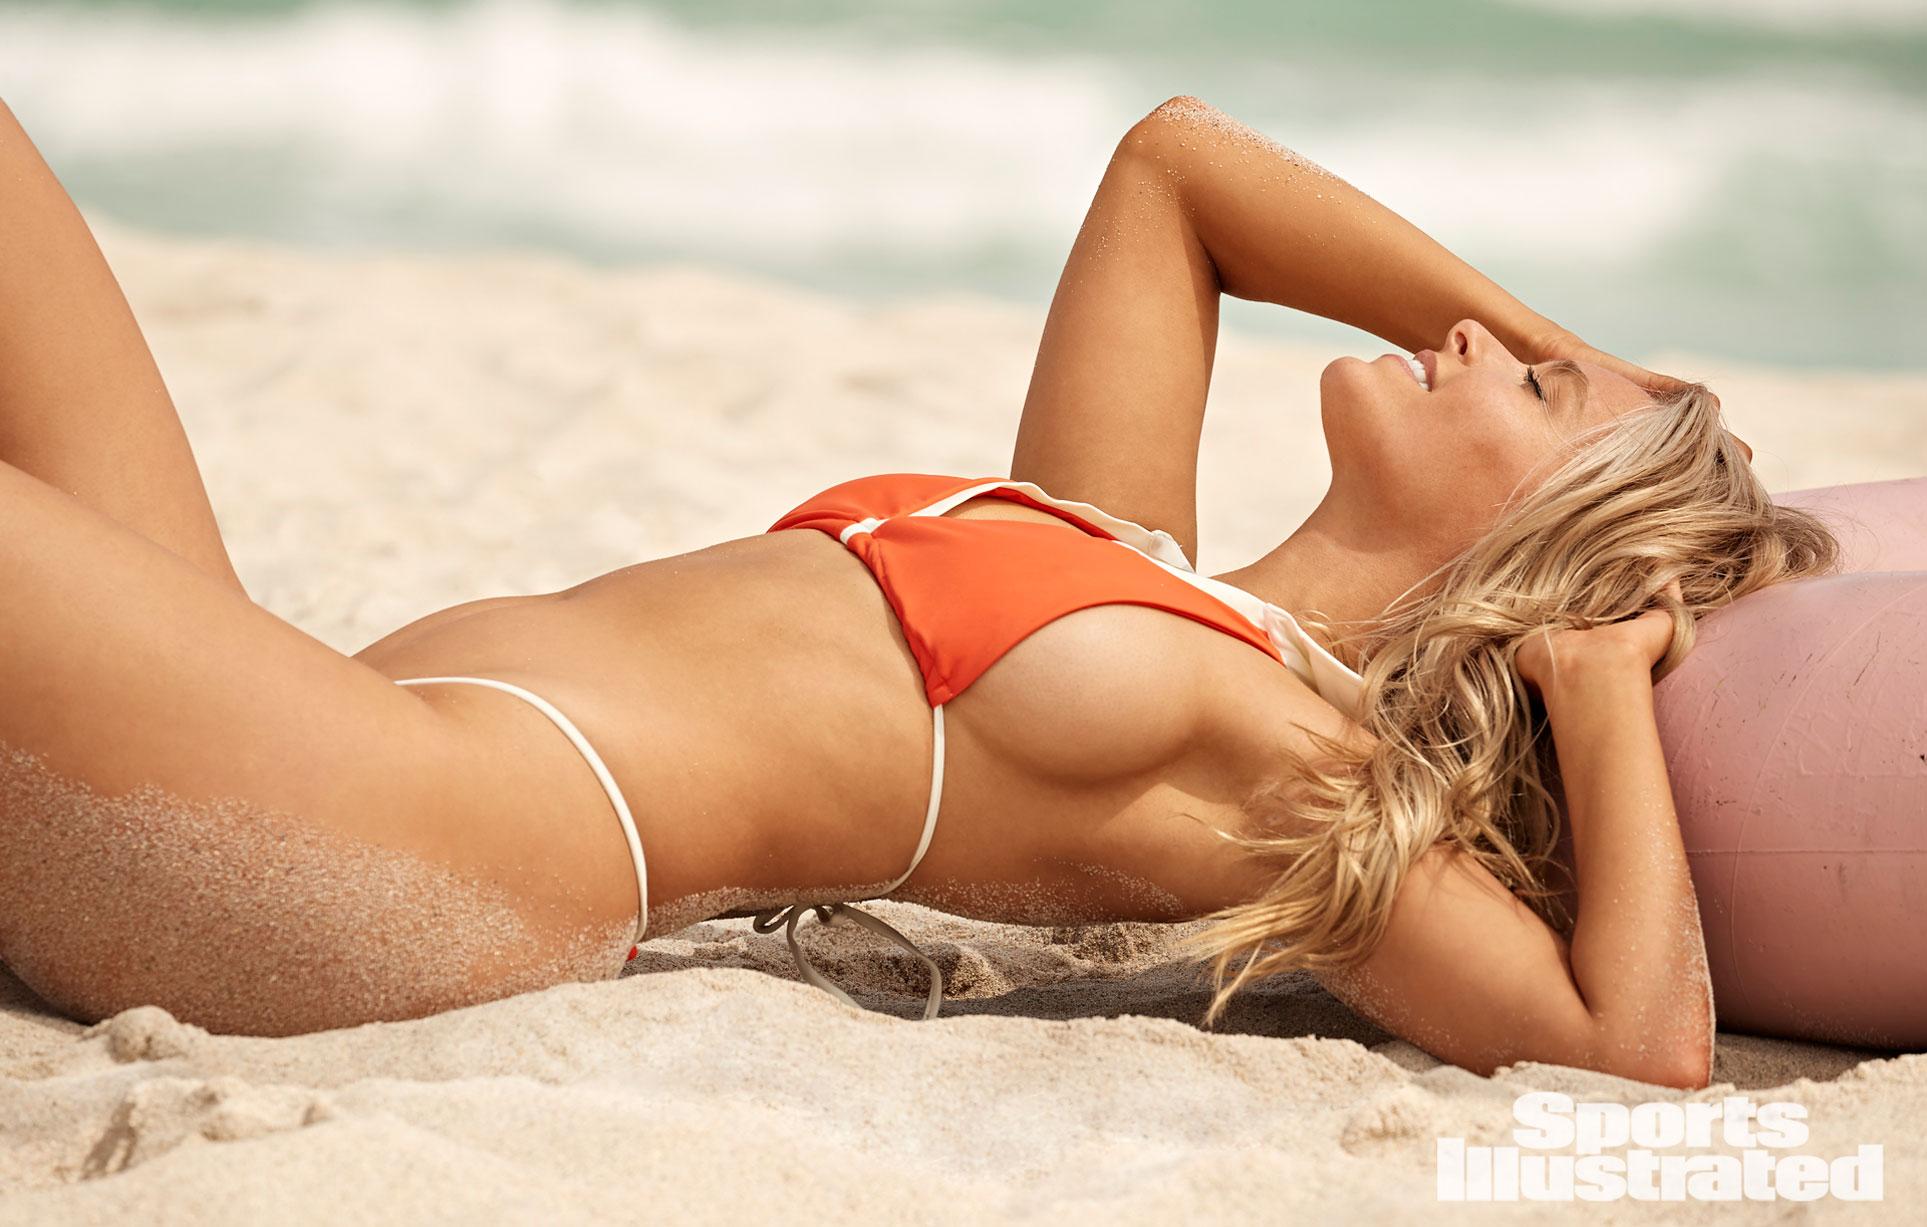 Камилль Костек в каталоге купальников Sports Illustrated Swimsuit 2021 / фото 10